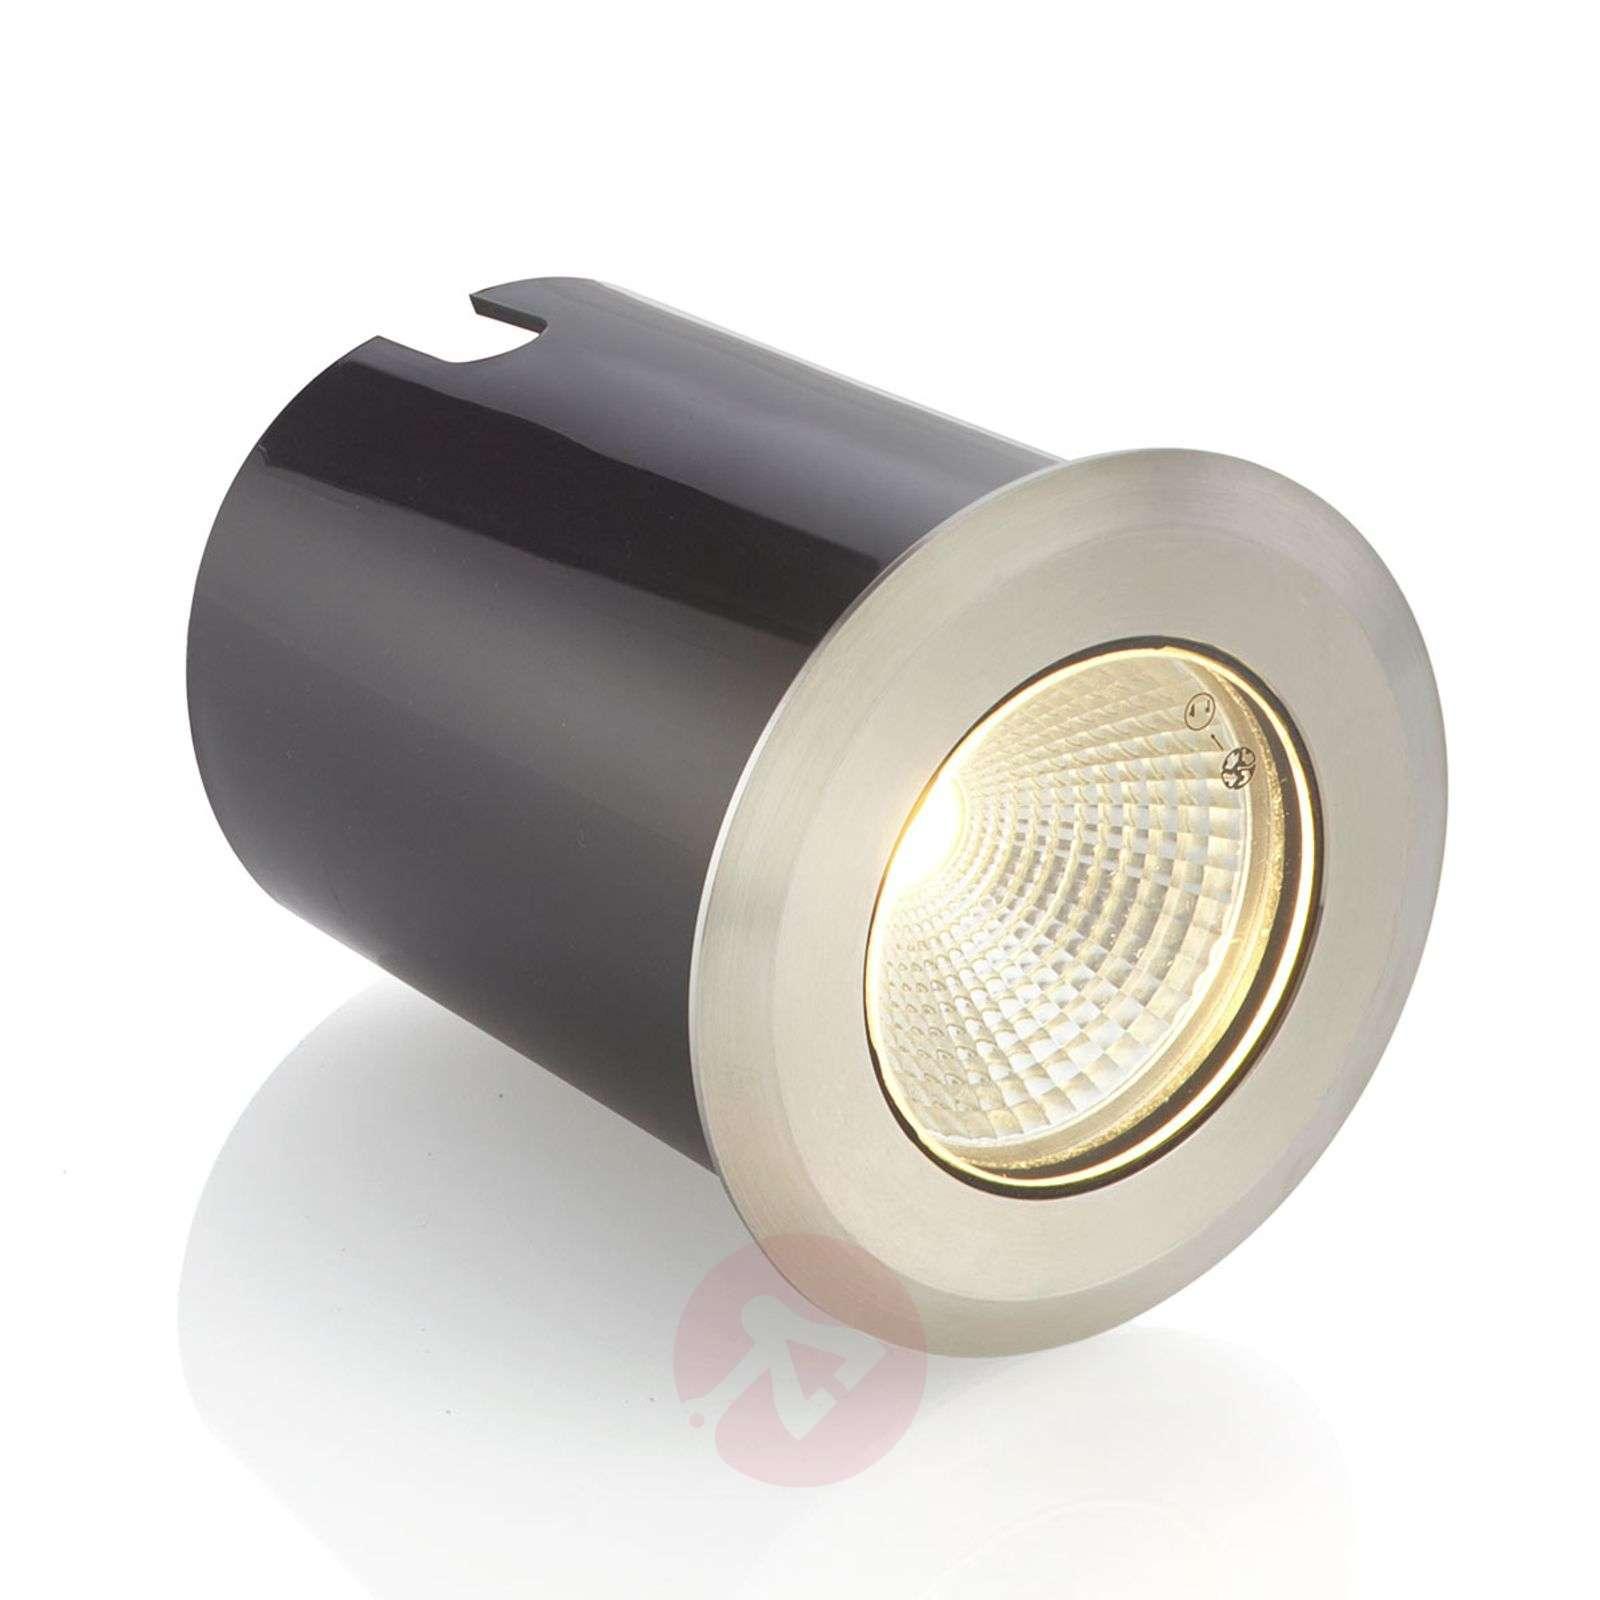 LED-lattiauppovalaisin Sulea, IP67, pyöreä-9969097-02